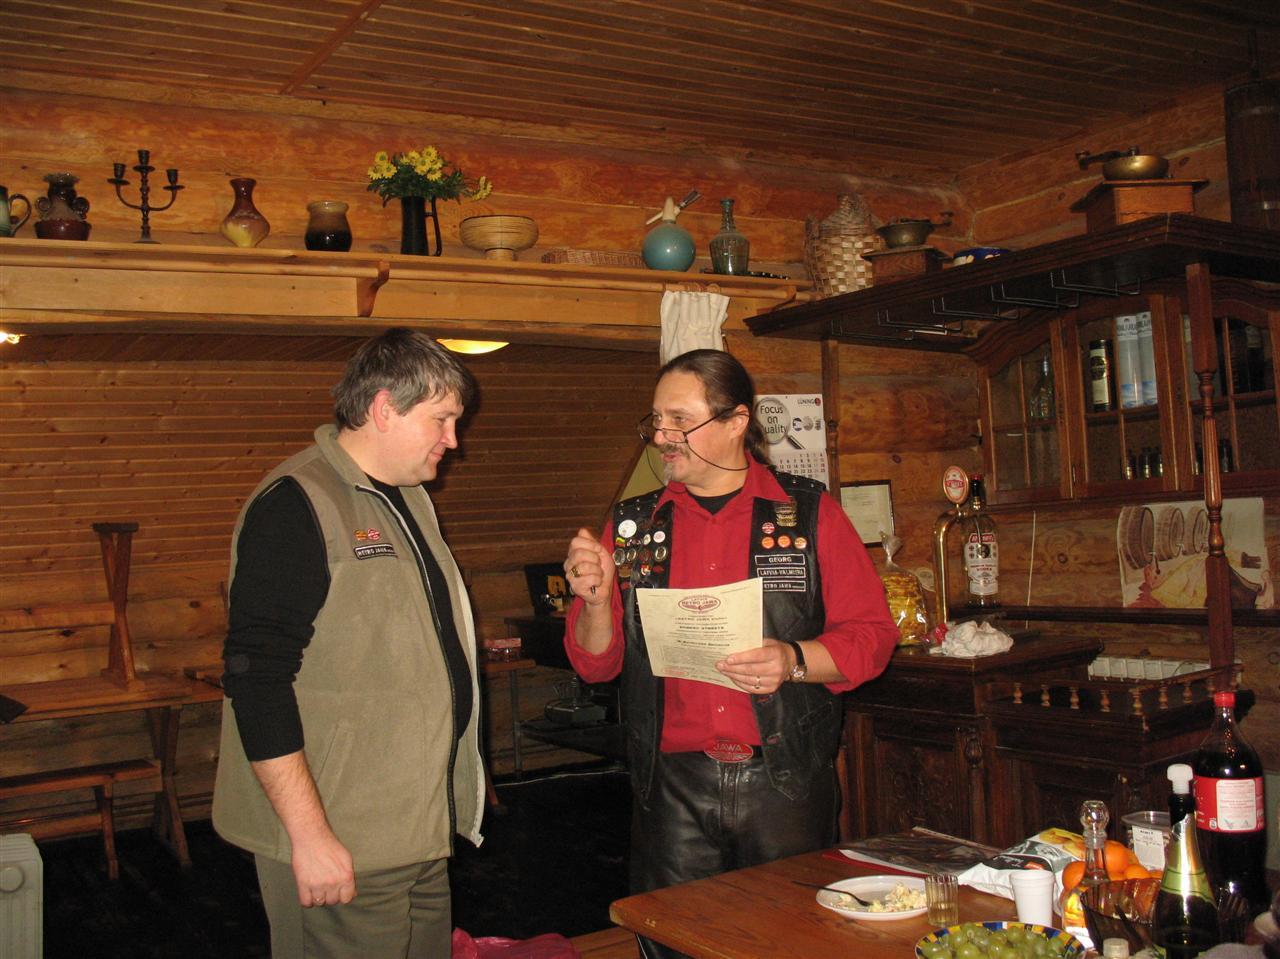 www.bildites.lv/images/heobjrczraqtwoej32t.jpg